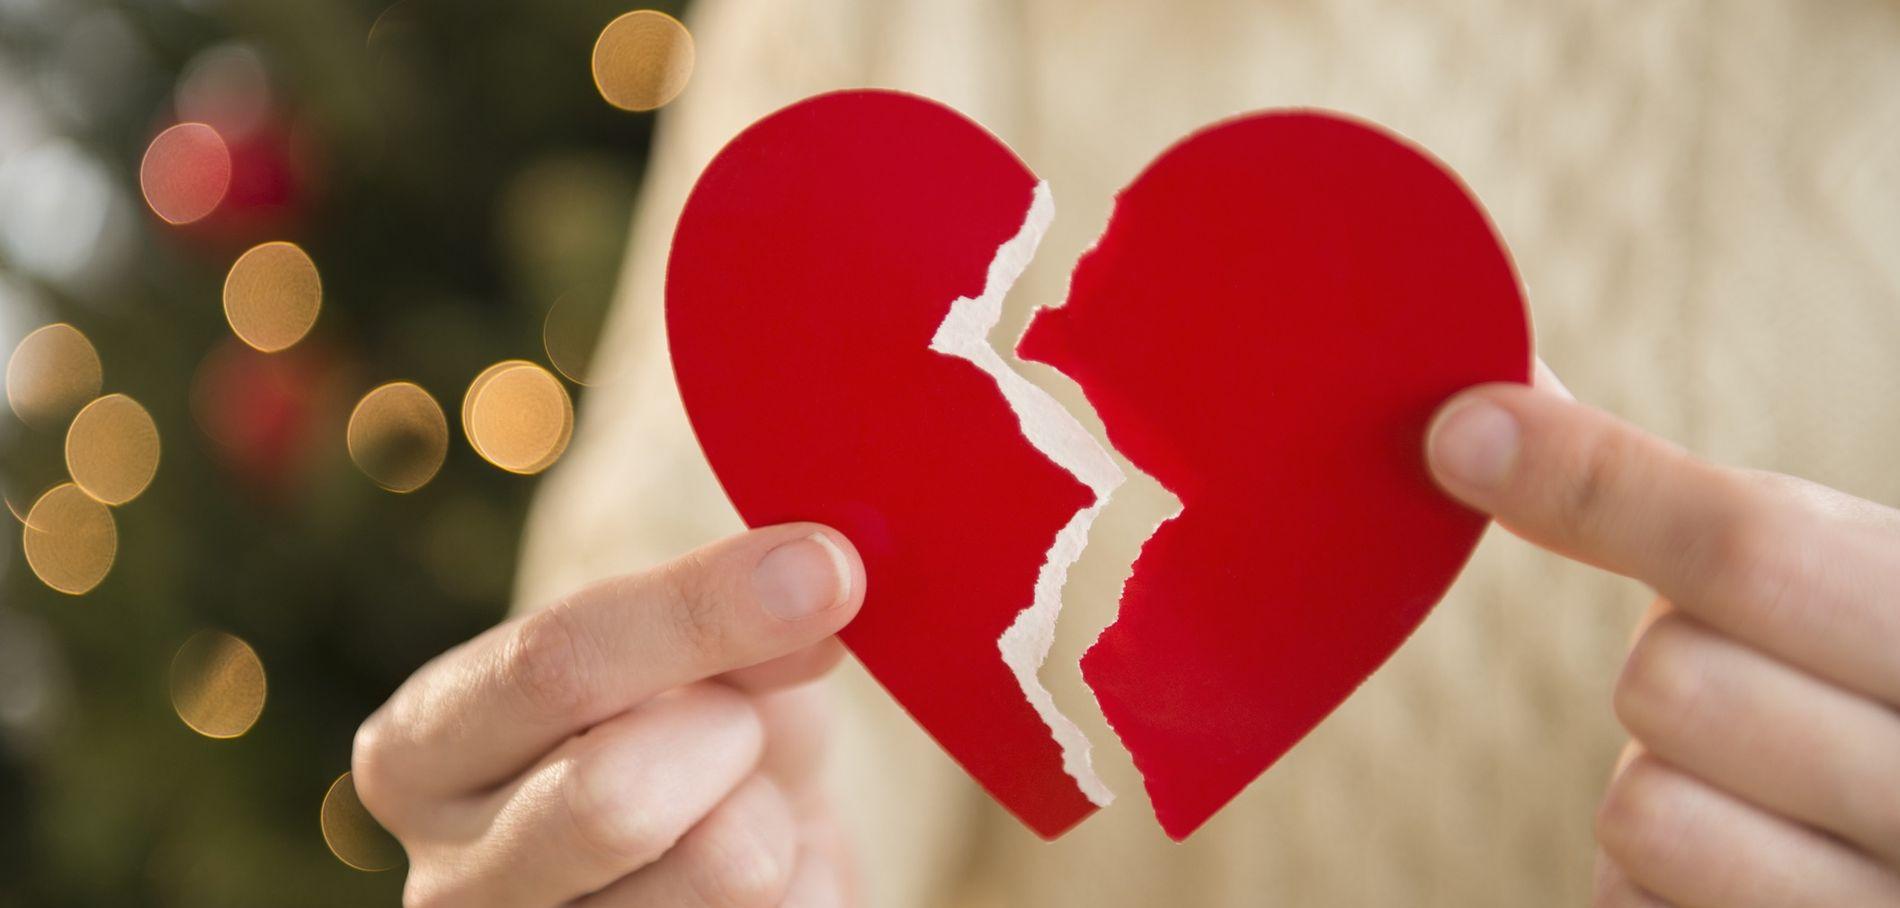 Infedeltà cuore spezzato